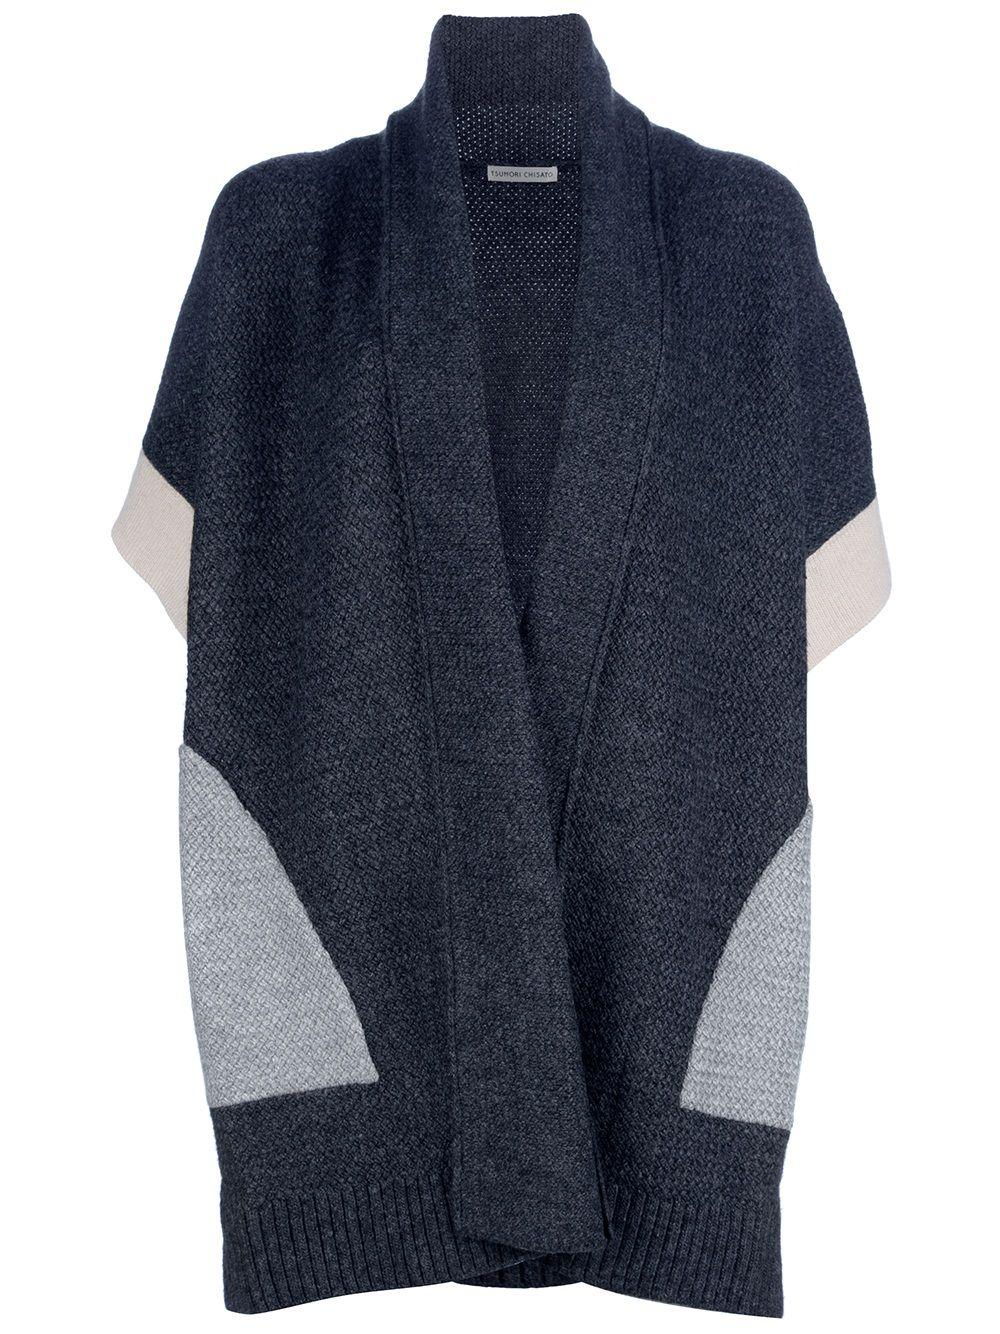 TSUMORI CHISATO - Kimono Cardigan